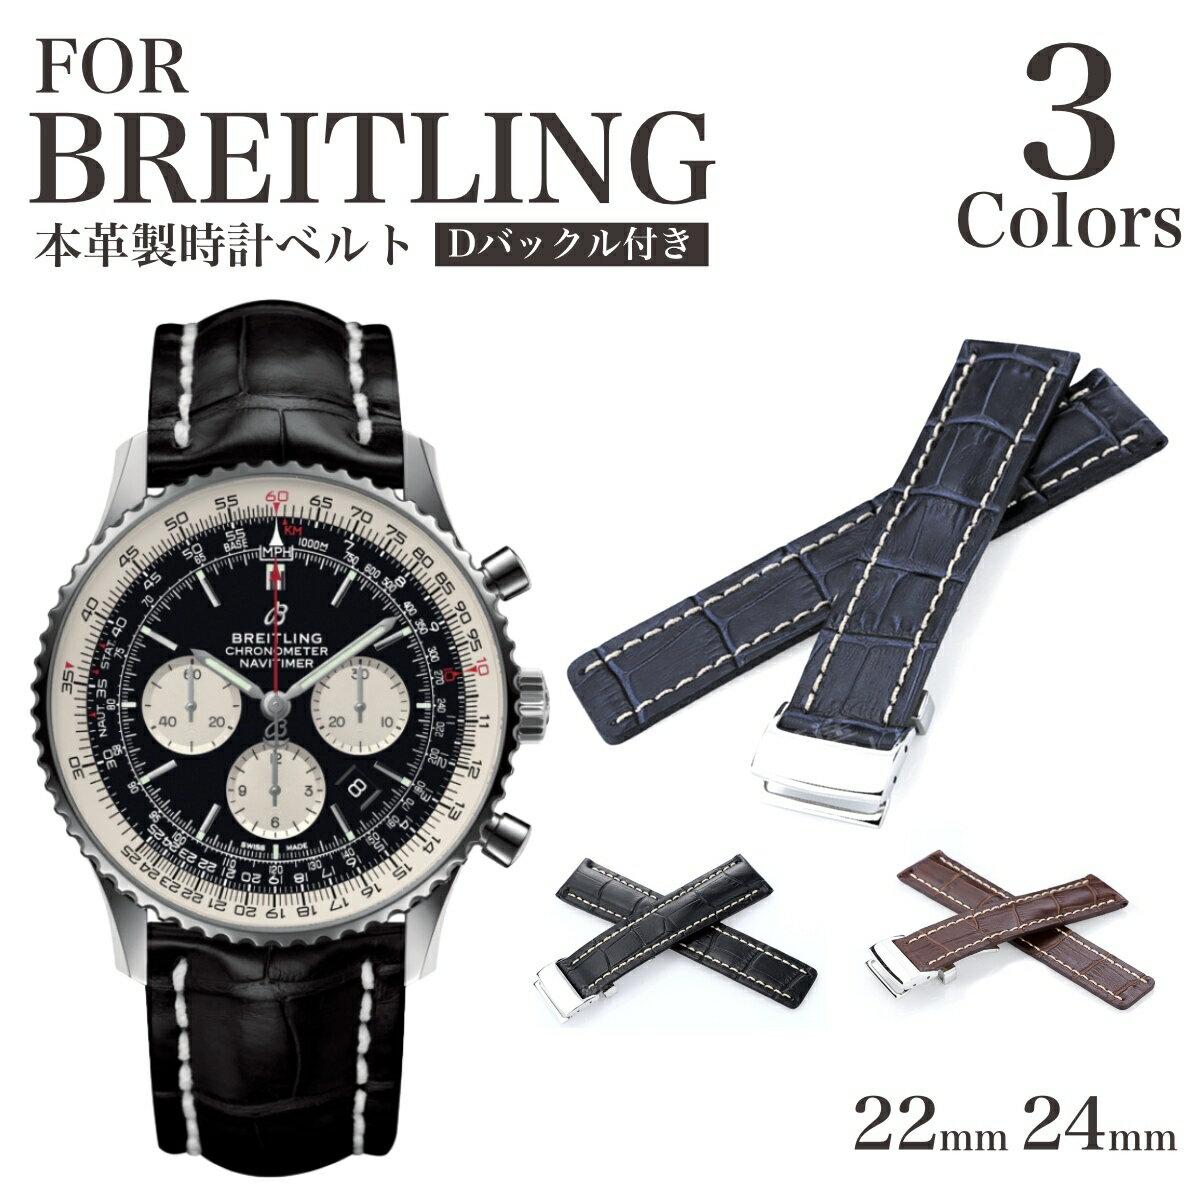 腕時計用アクセサリー, 腕時計用ベルト・バンド for BREITLING D 11Straps